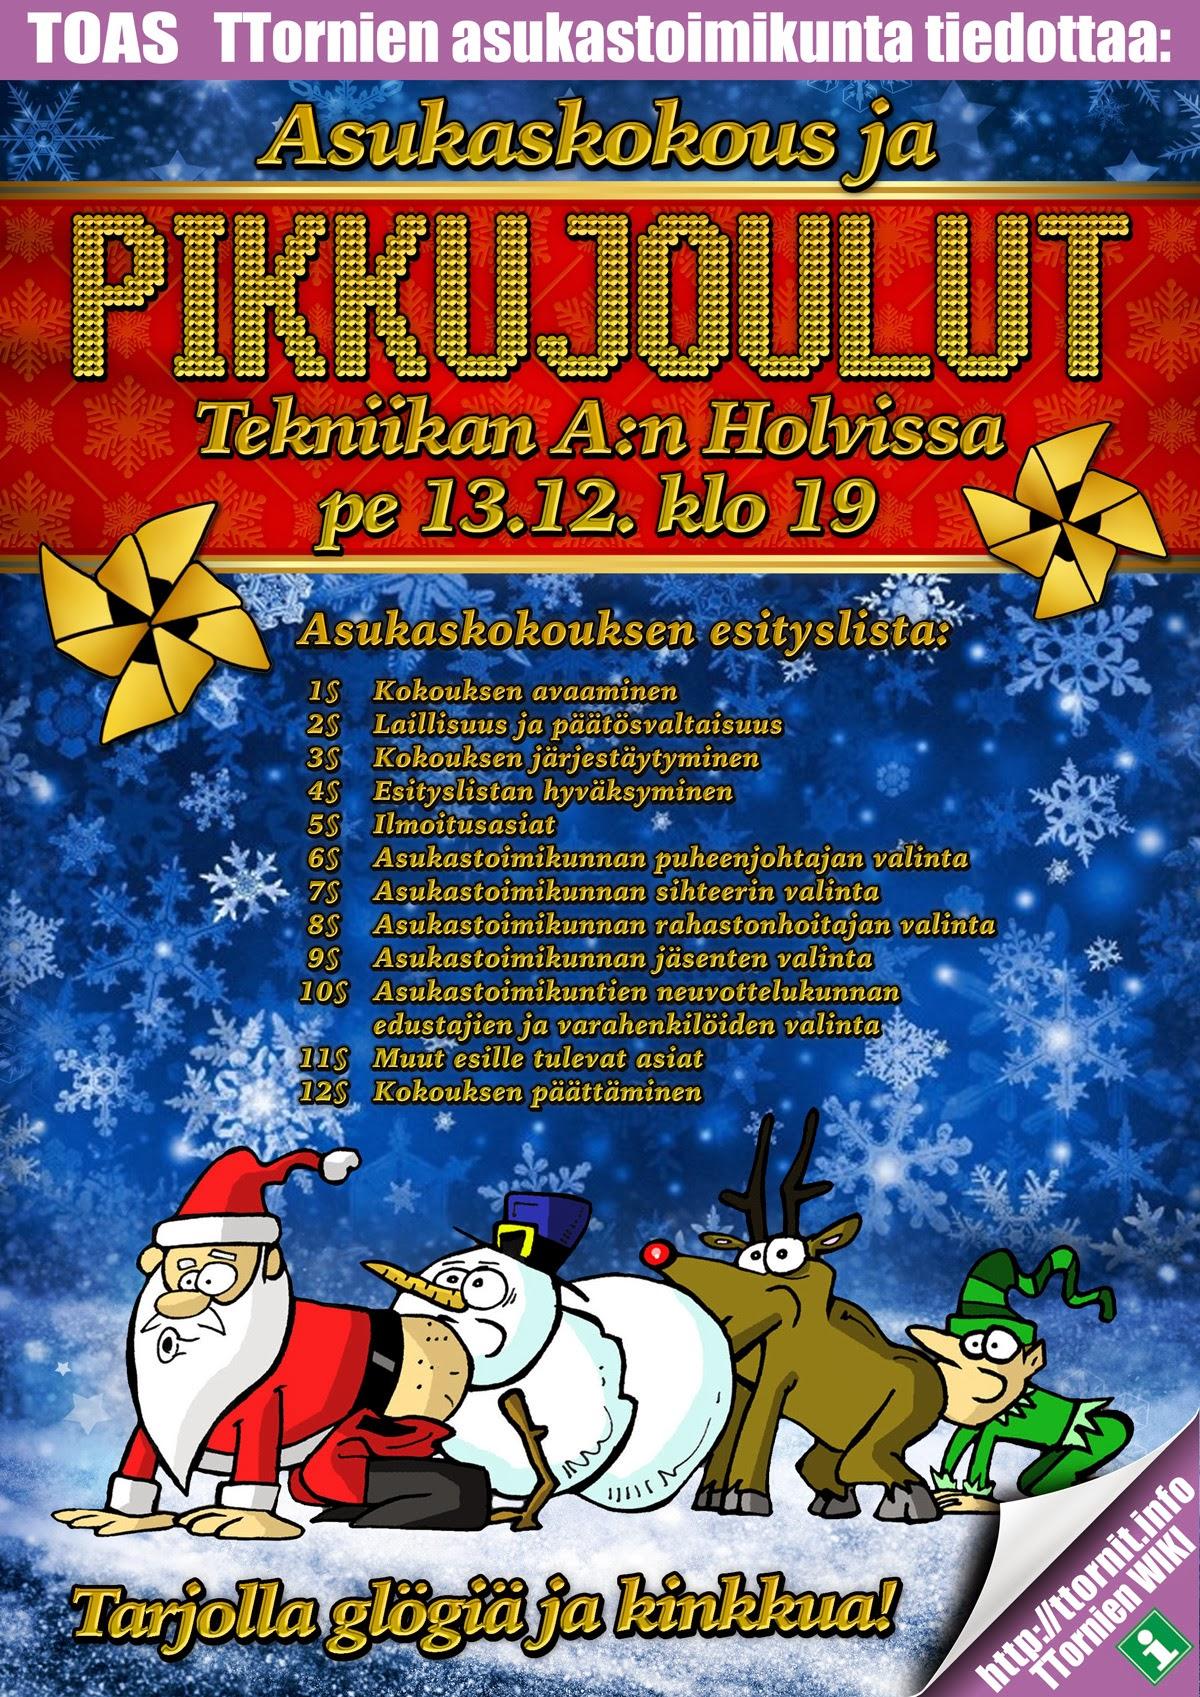 2013:pikkujoulut-2013.jpg